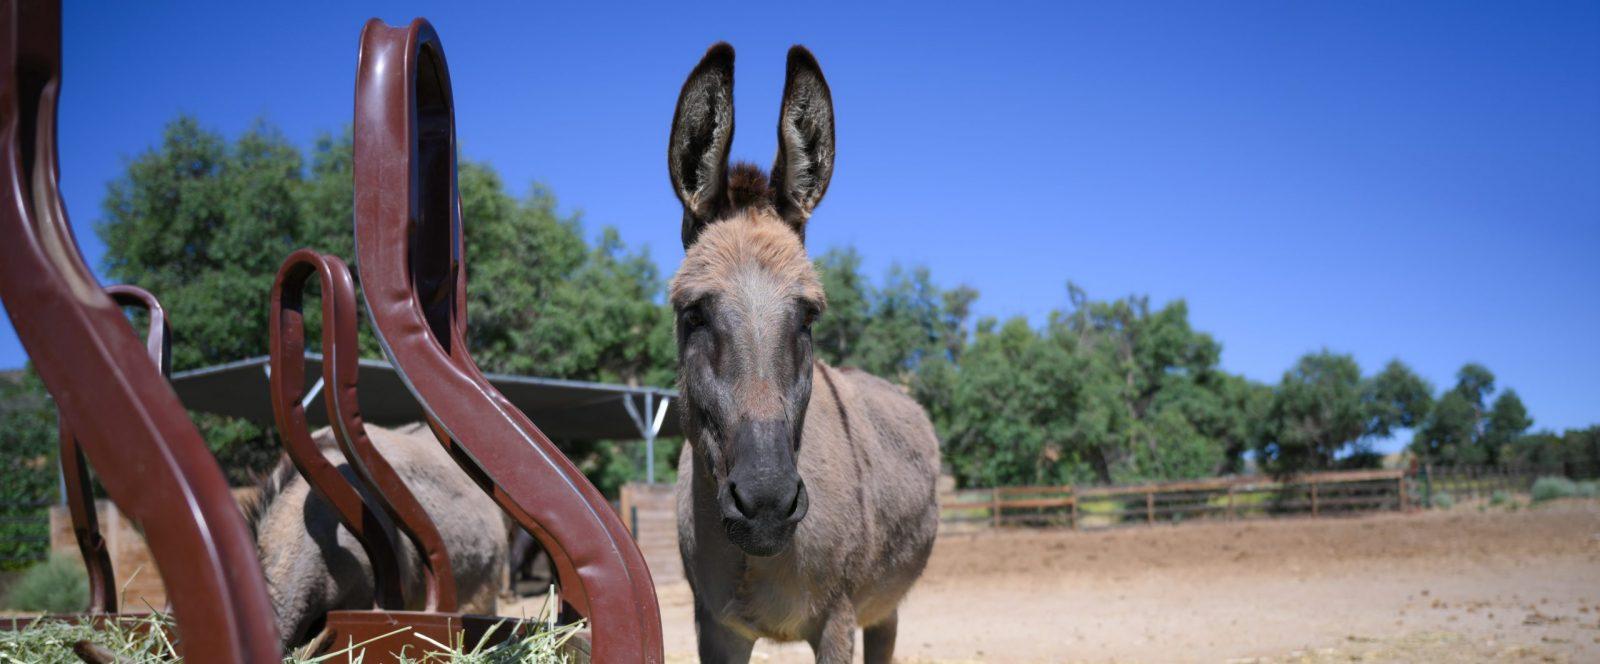 Dorado Donkey at Farm Sanctuary's Southern California shelter